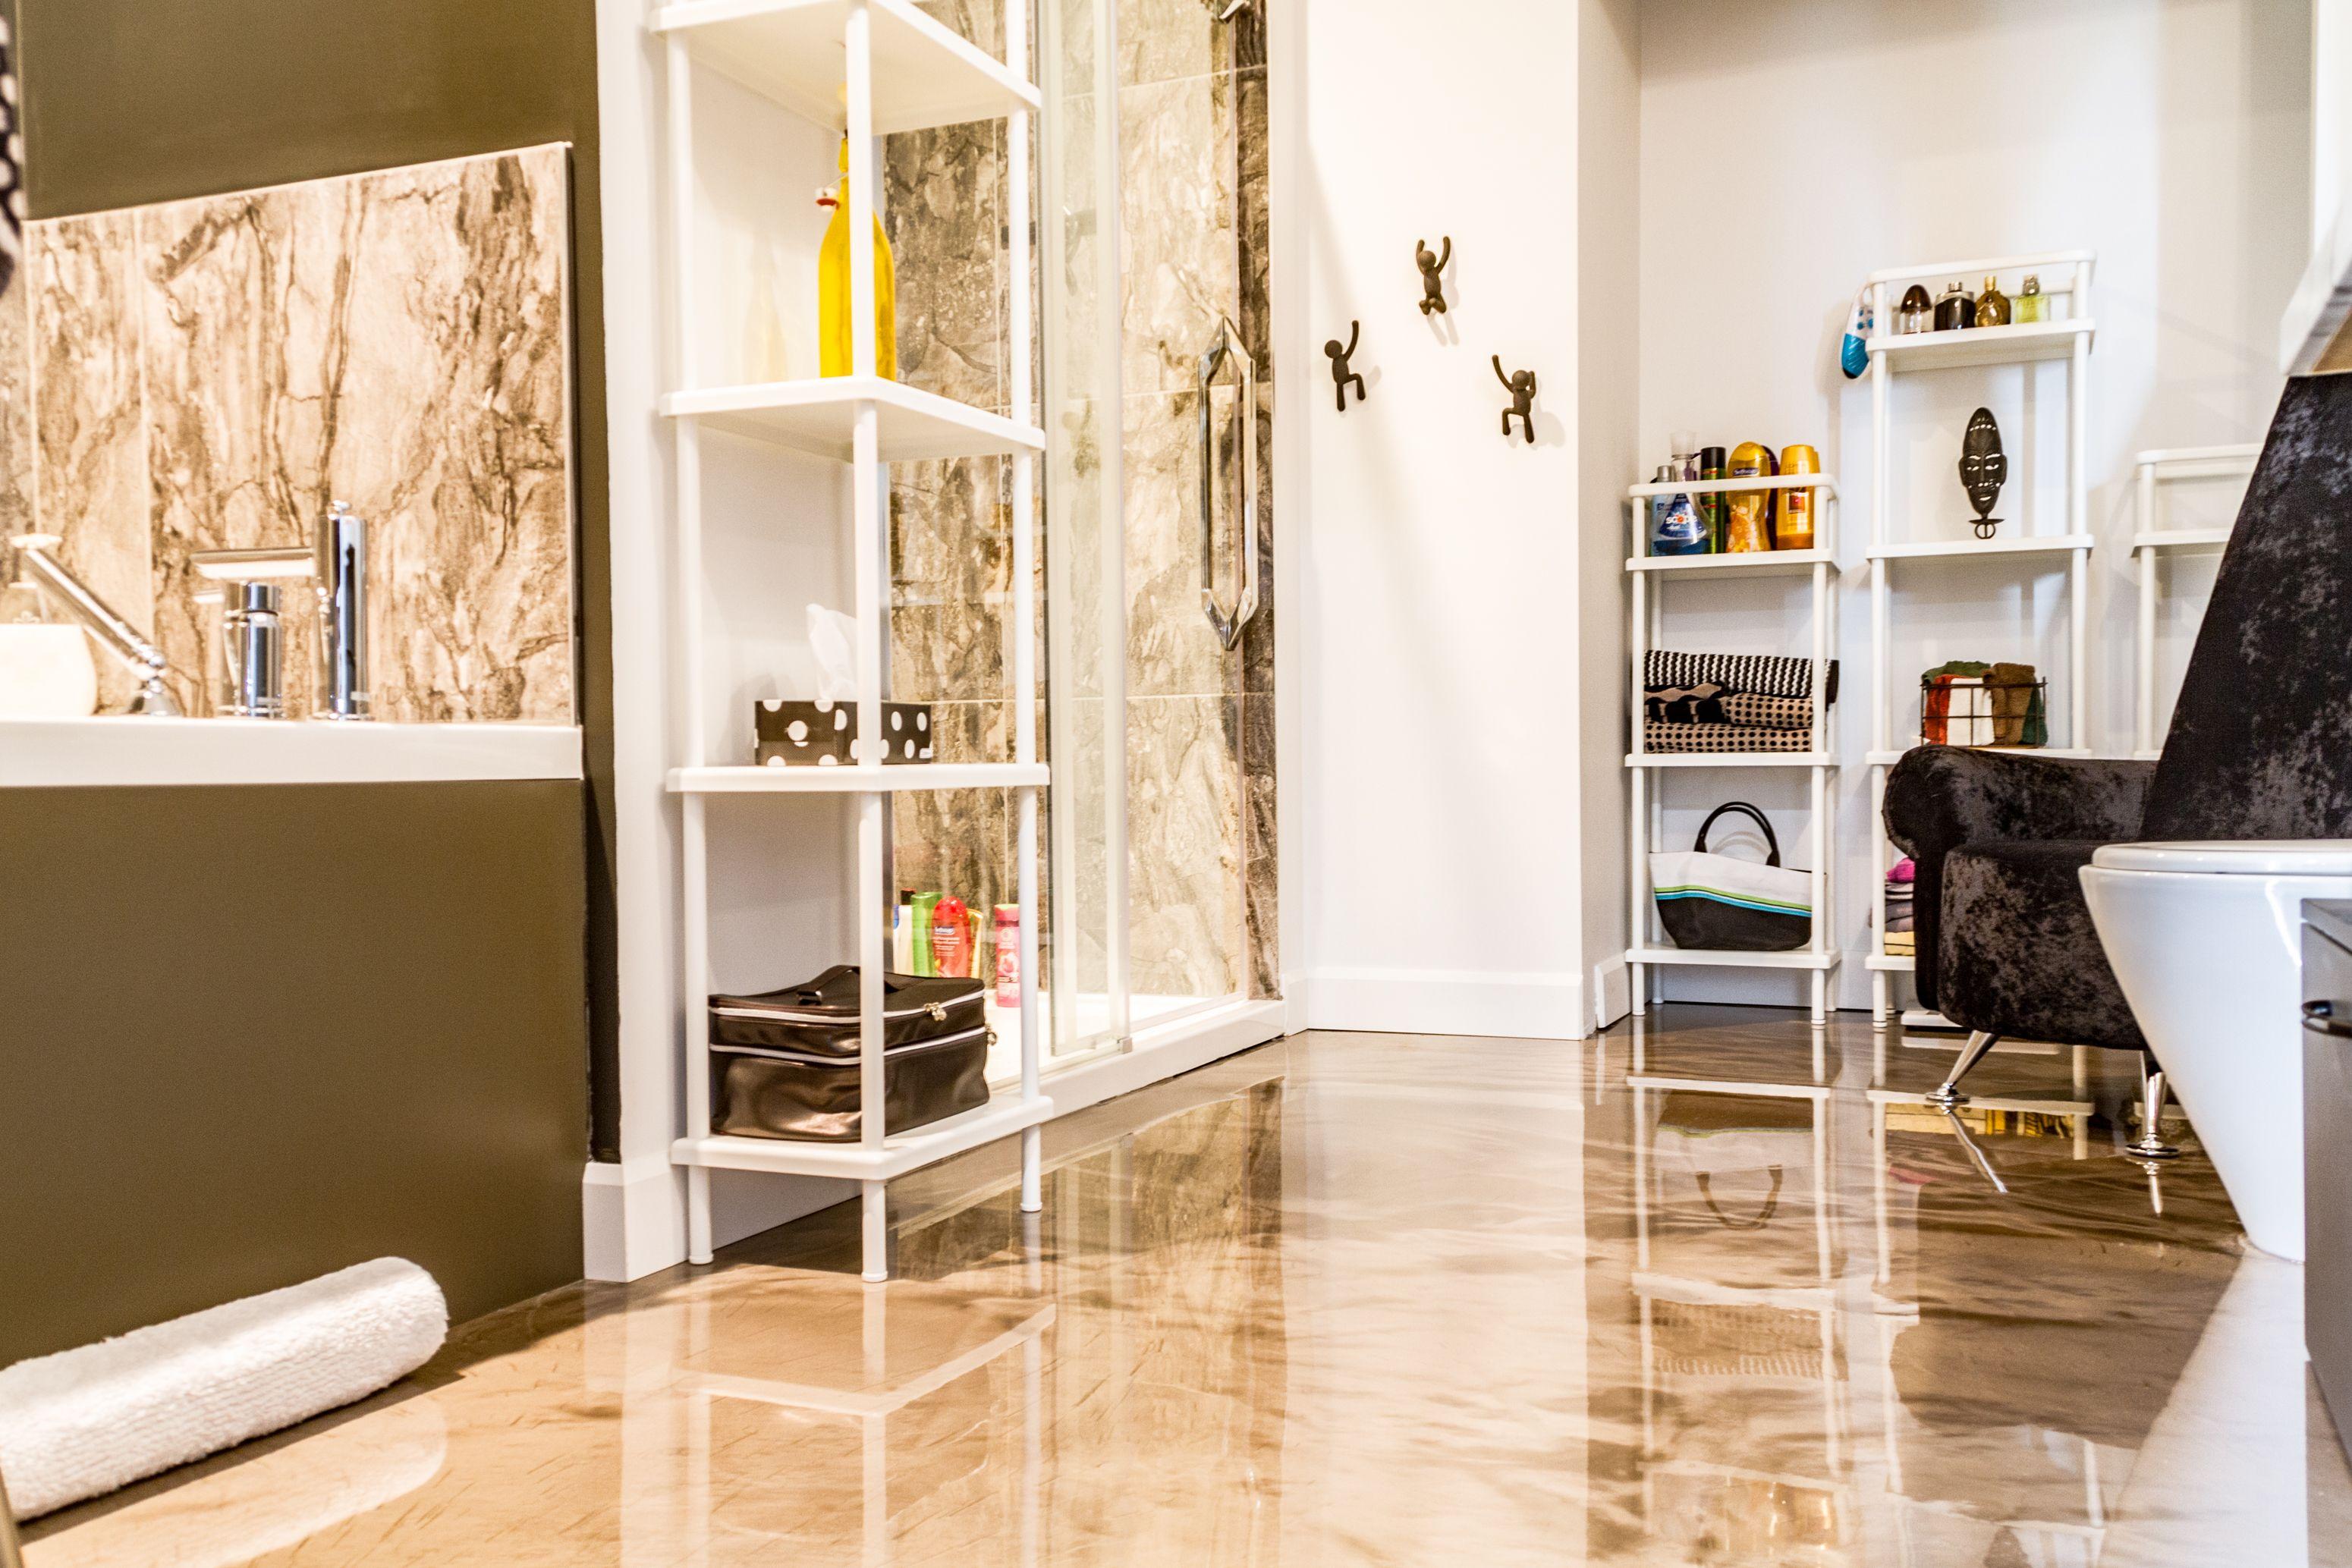 Apportez Une Touche De Modernit Votre Salle De Bain